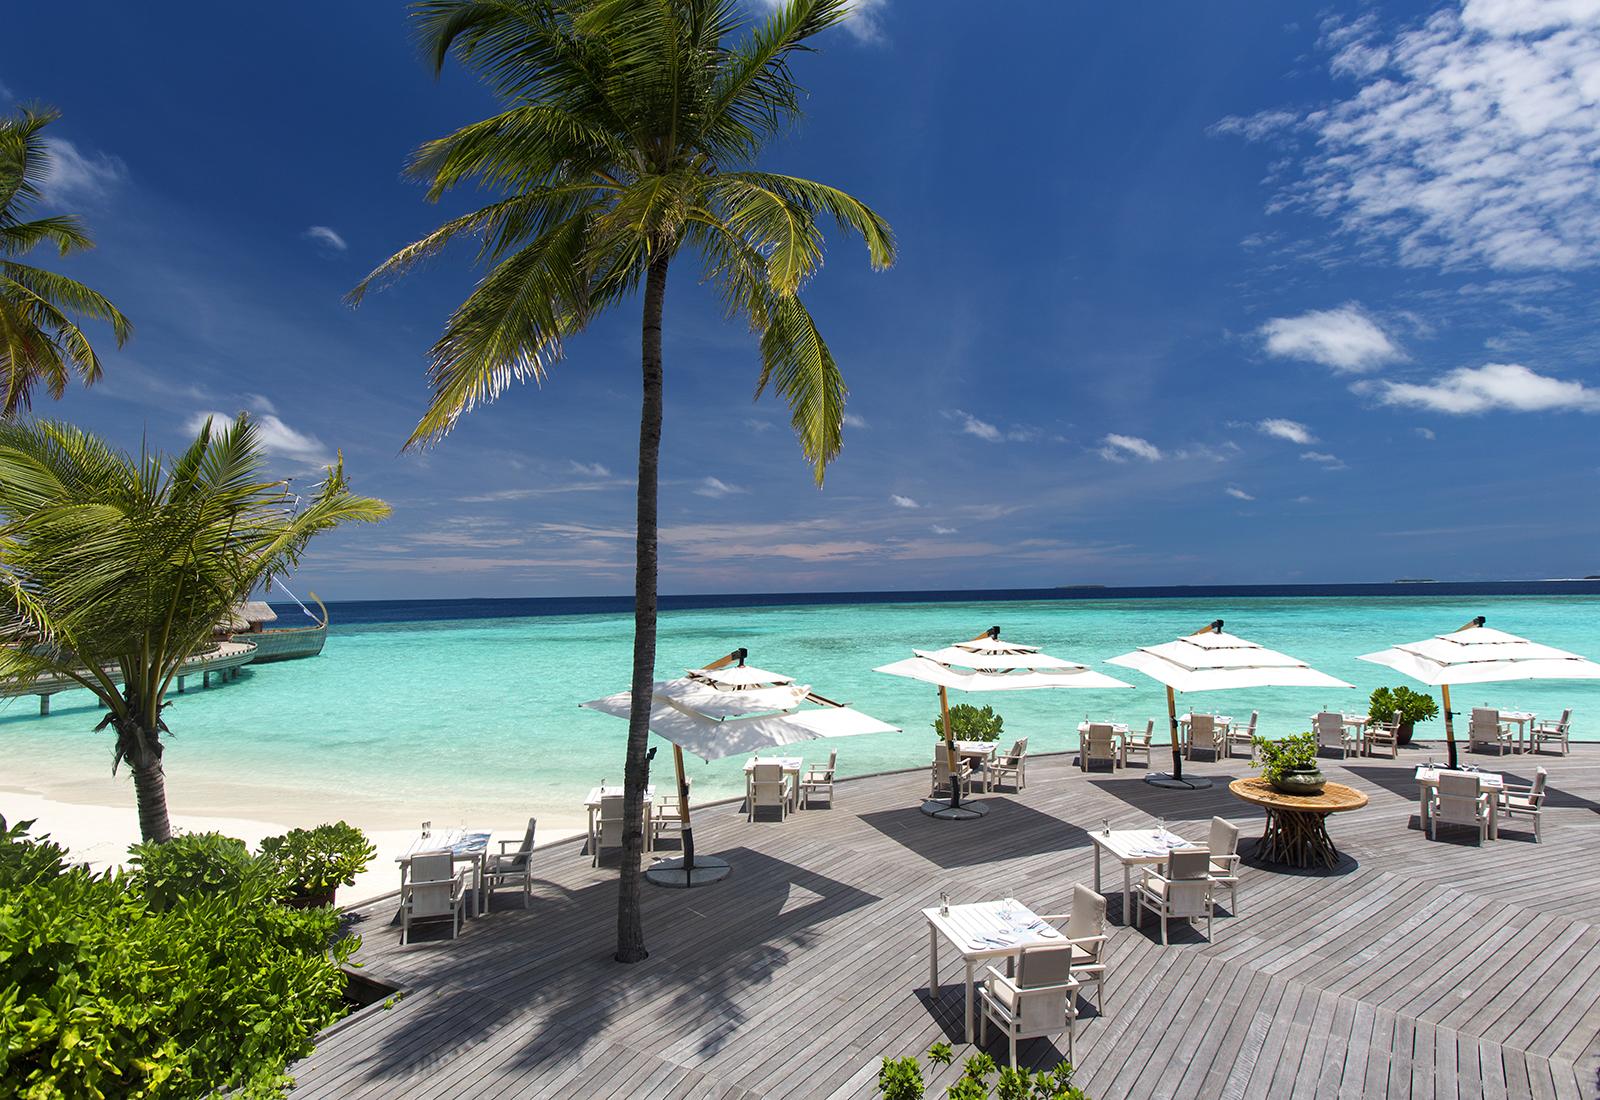 Exklusiva resor och lyxiga hotell i Maldiverna. I vår guide hittar du de bästa hotellen.